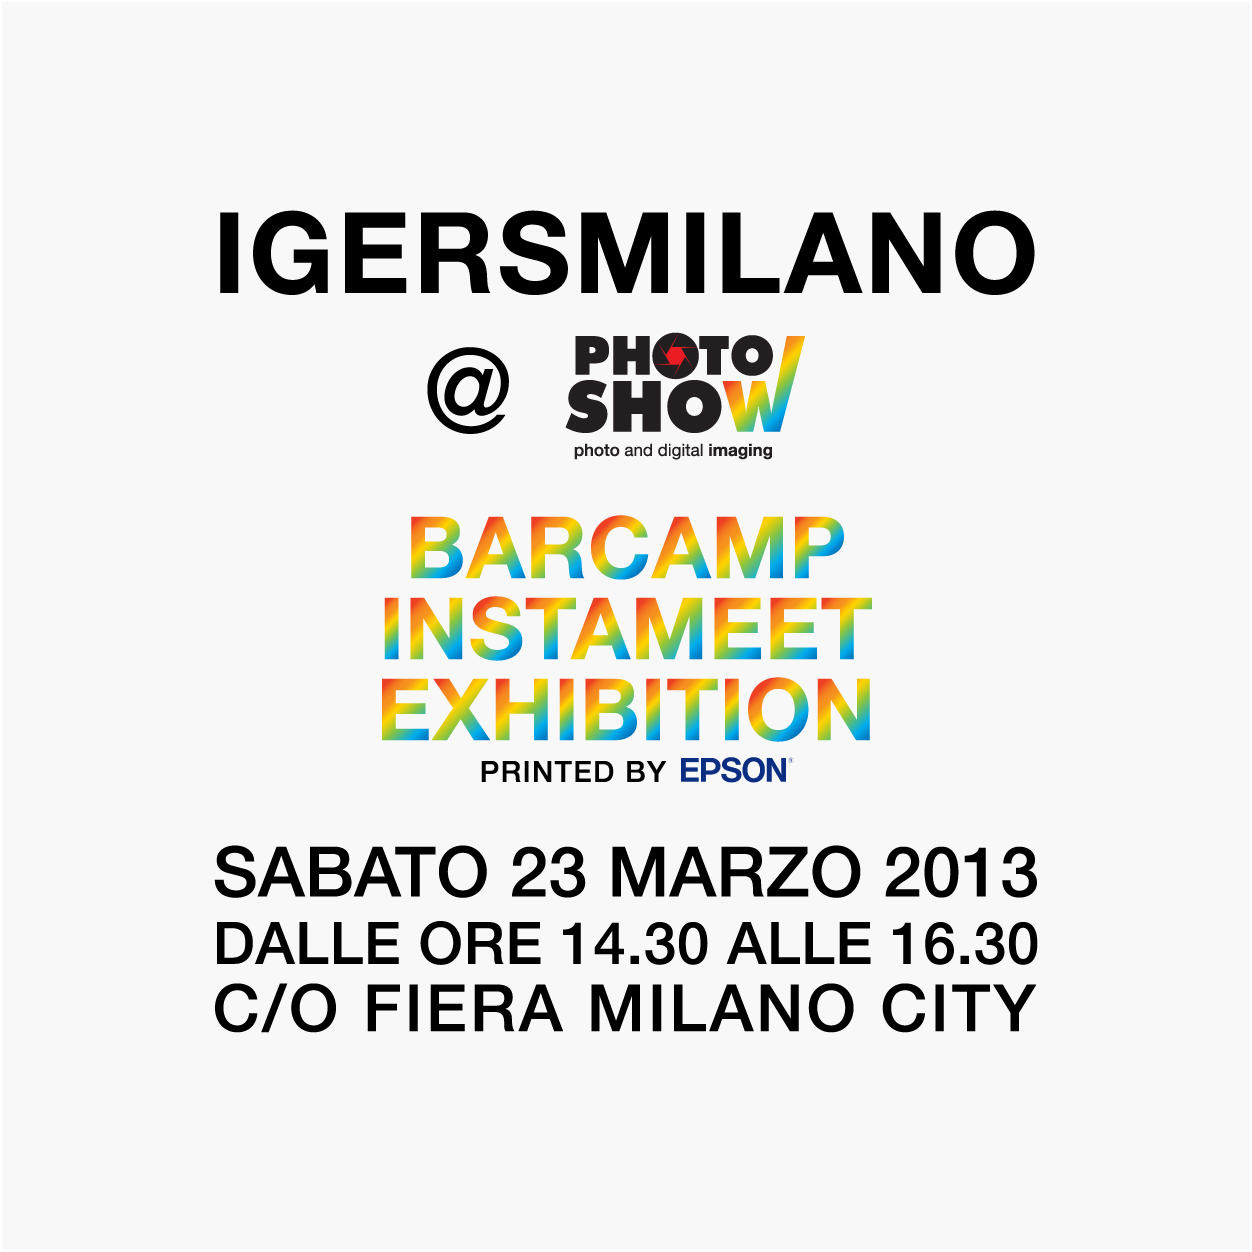 Igersmilano al Photoshow 2013: barcamp, instameet ed exhibition